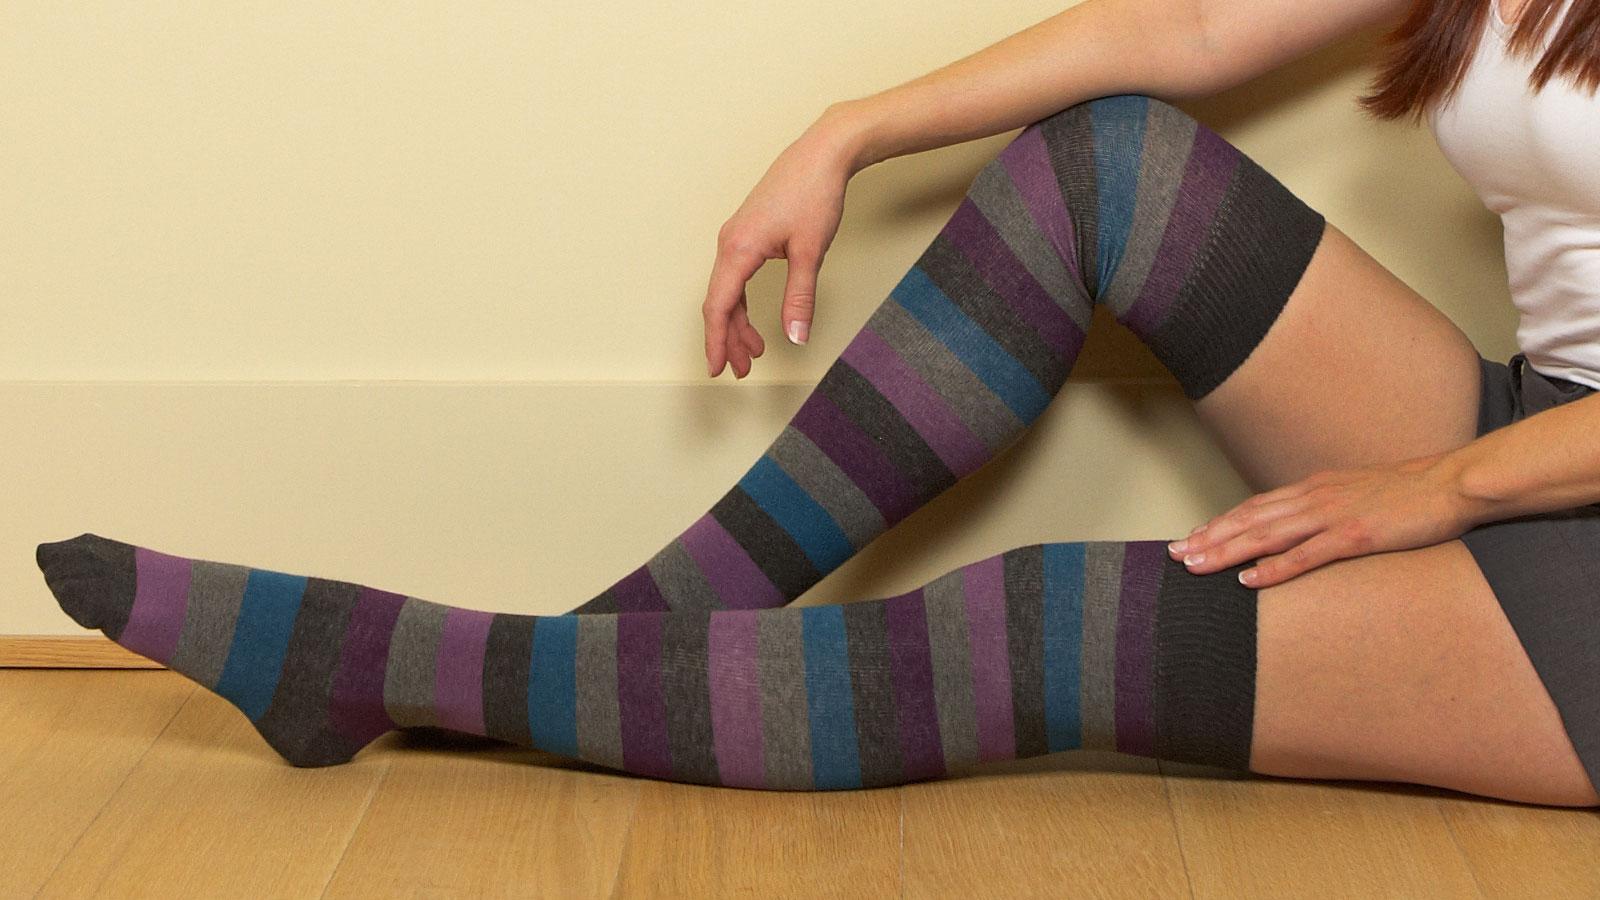 knee high socks wallpaper 66805